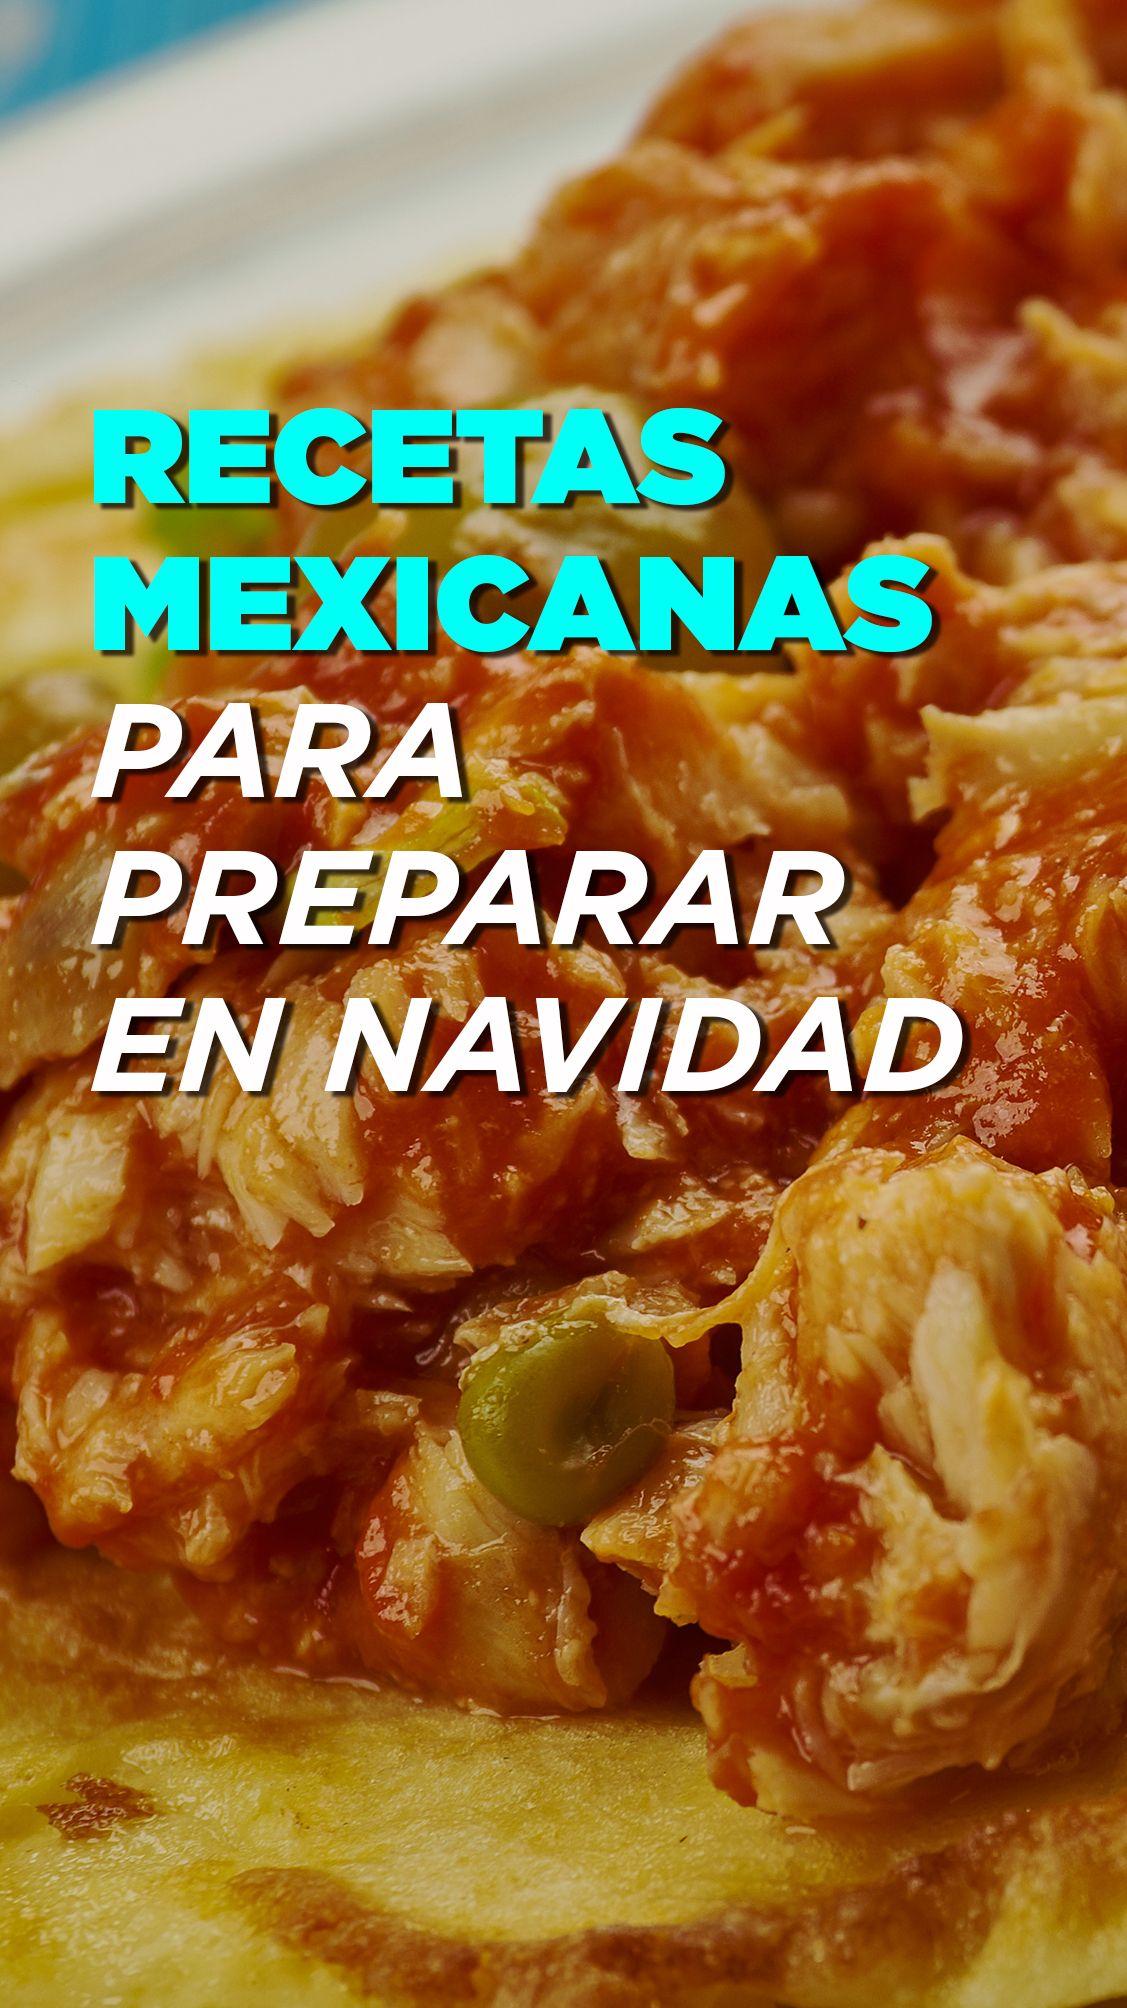 Superior 6 Recetas Mexicanas Para Preparar En Navidad, Año Nuevo Y Reyes #recetas # Navidad #recipes